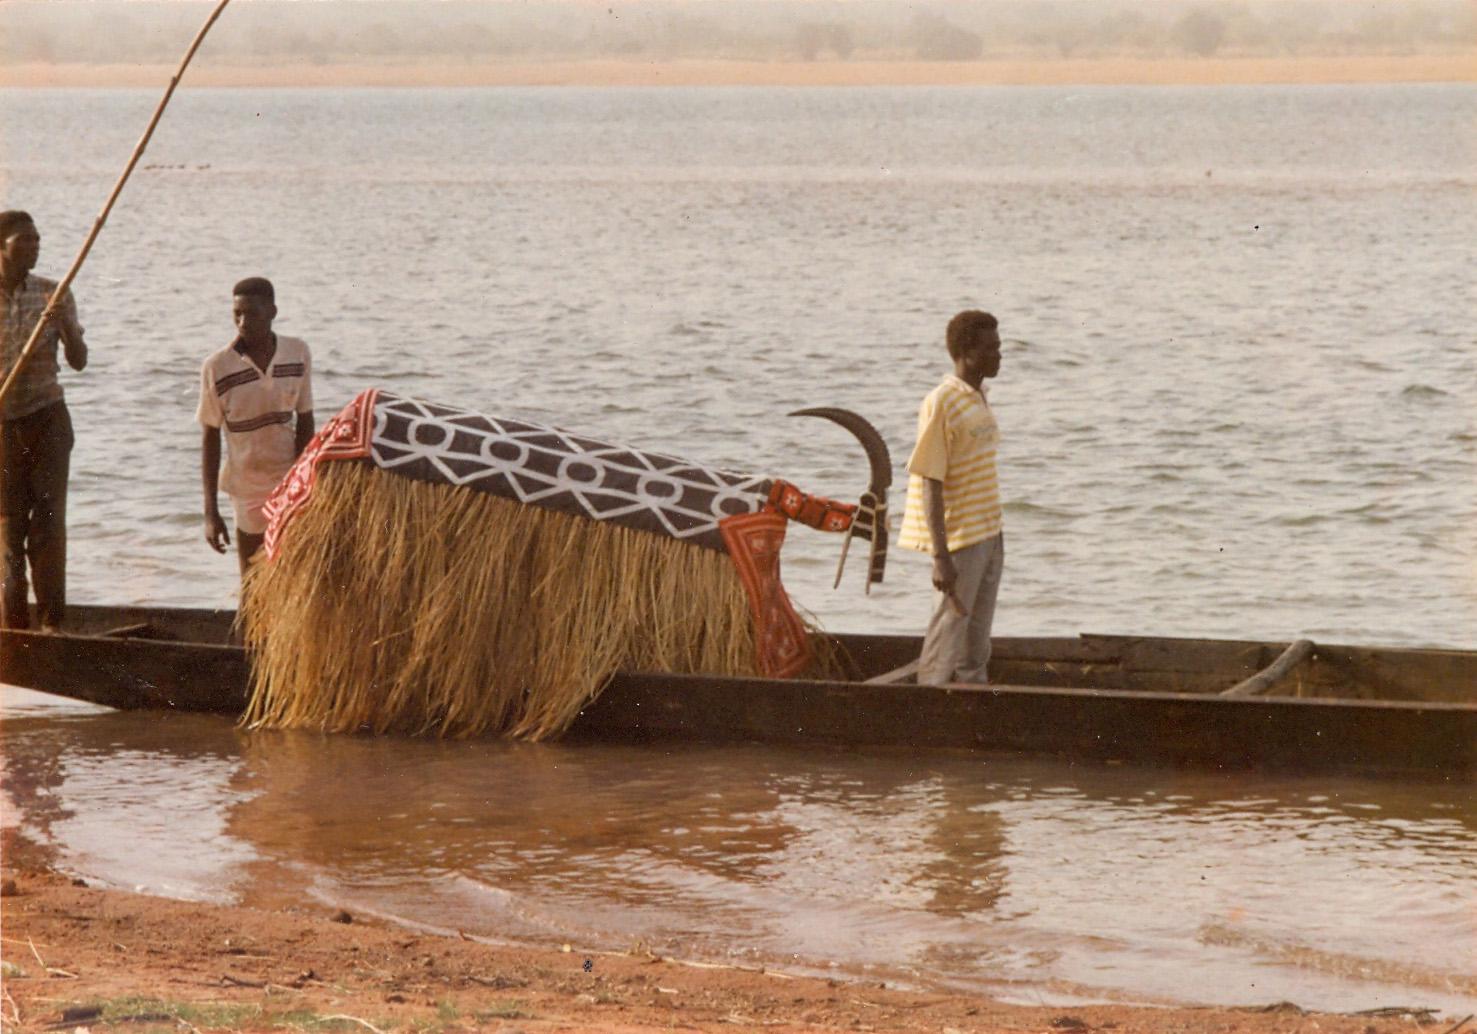 Daje (hippotragus, antílope caballo), una de las representaciones animales de la clase de títeres denominada <em>jikando</em> (títeres en el río), Diarabougou, región de Koulikoro, Malí. El títere simboliza la caza. Títere habitable, fabricado con tela adornada y hierbas secas; la cabeza es una escultura de madera. Foto: Mamadou Samaké